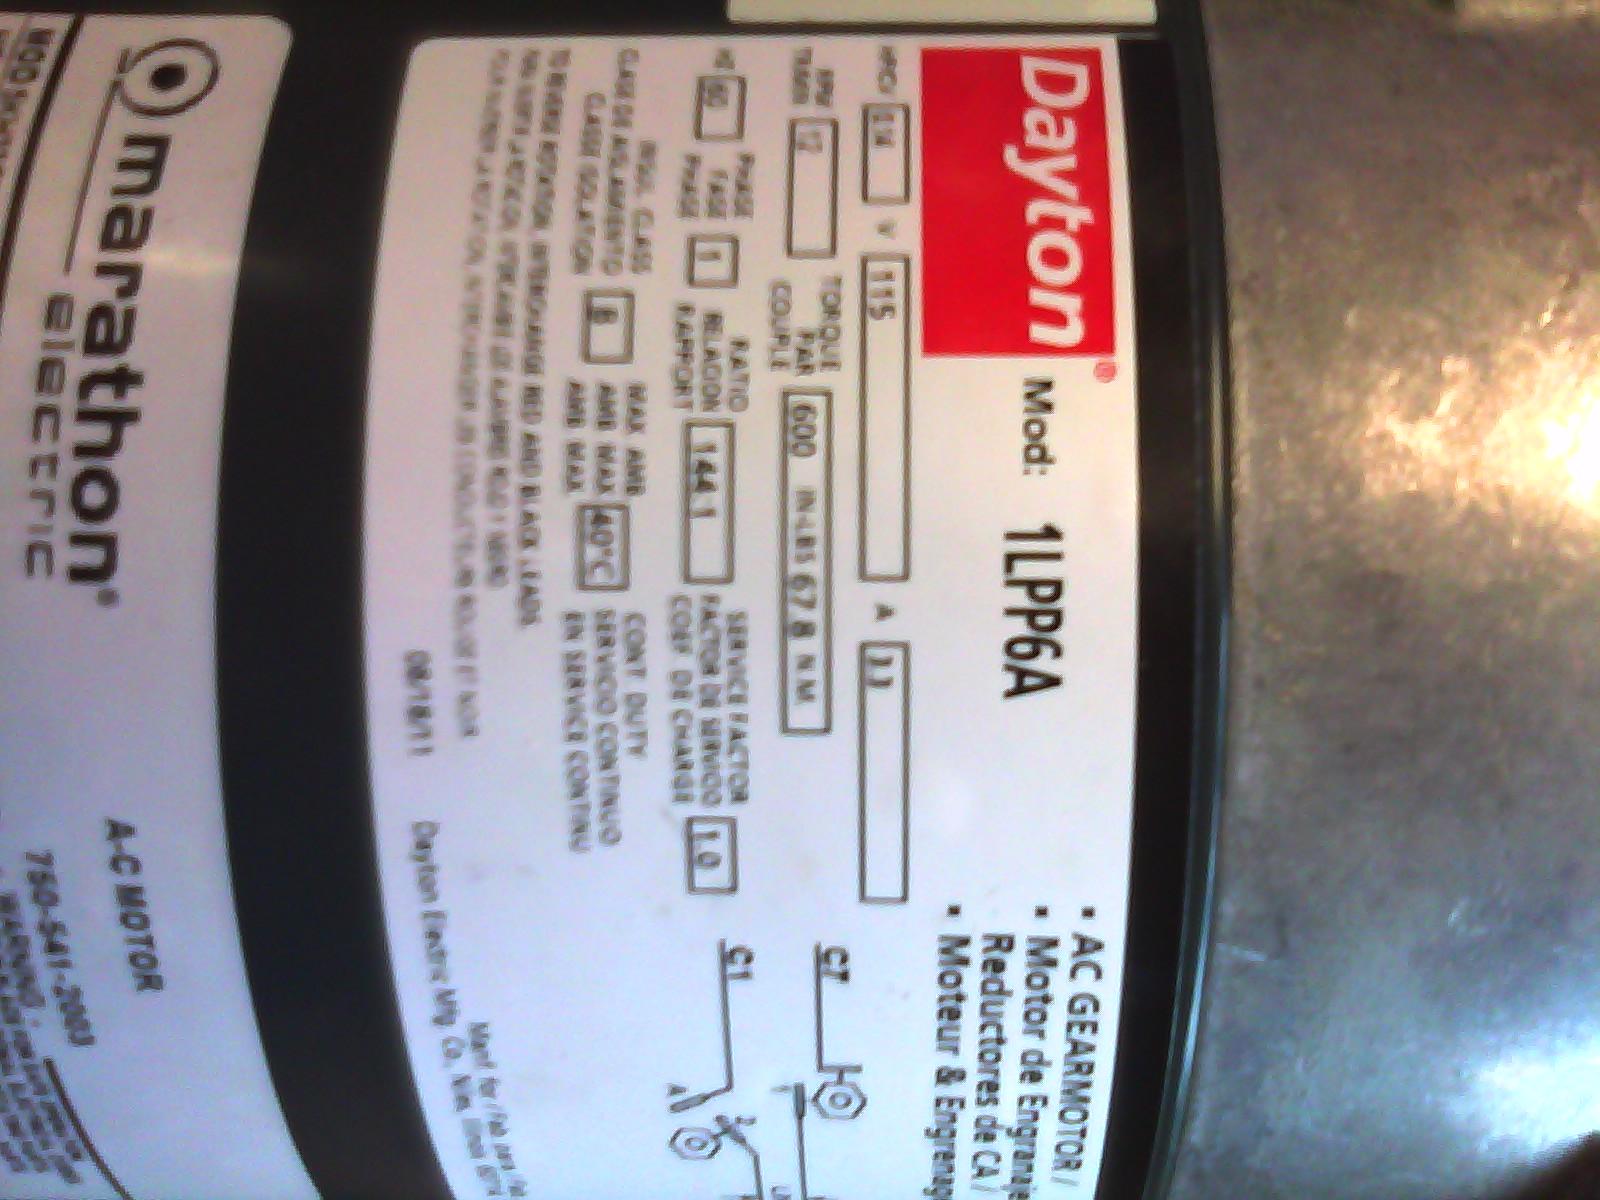 dayton timer relay wiring diagram 1997 saturn sc2 radio 6k376ba get free image about